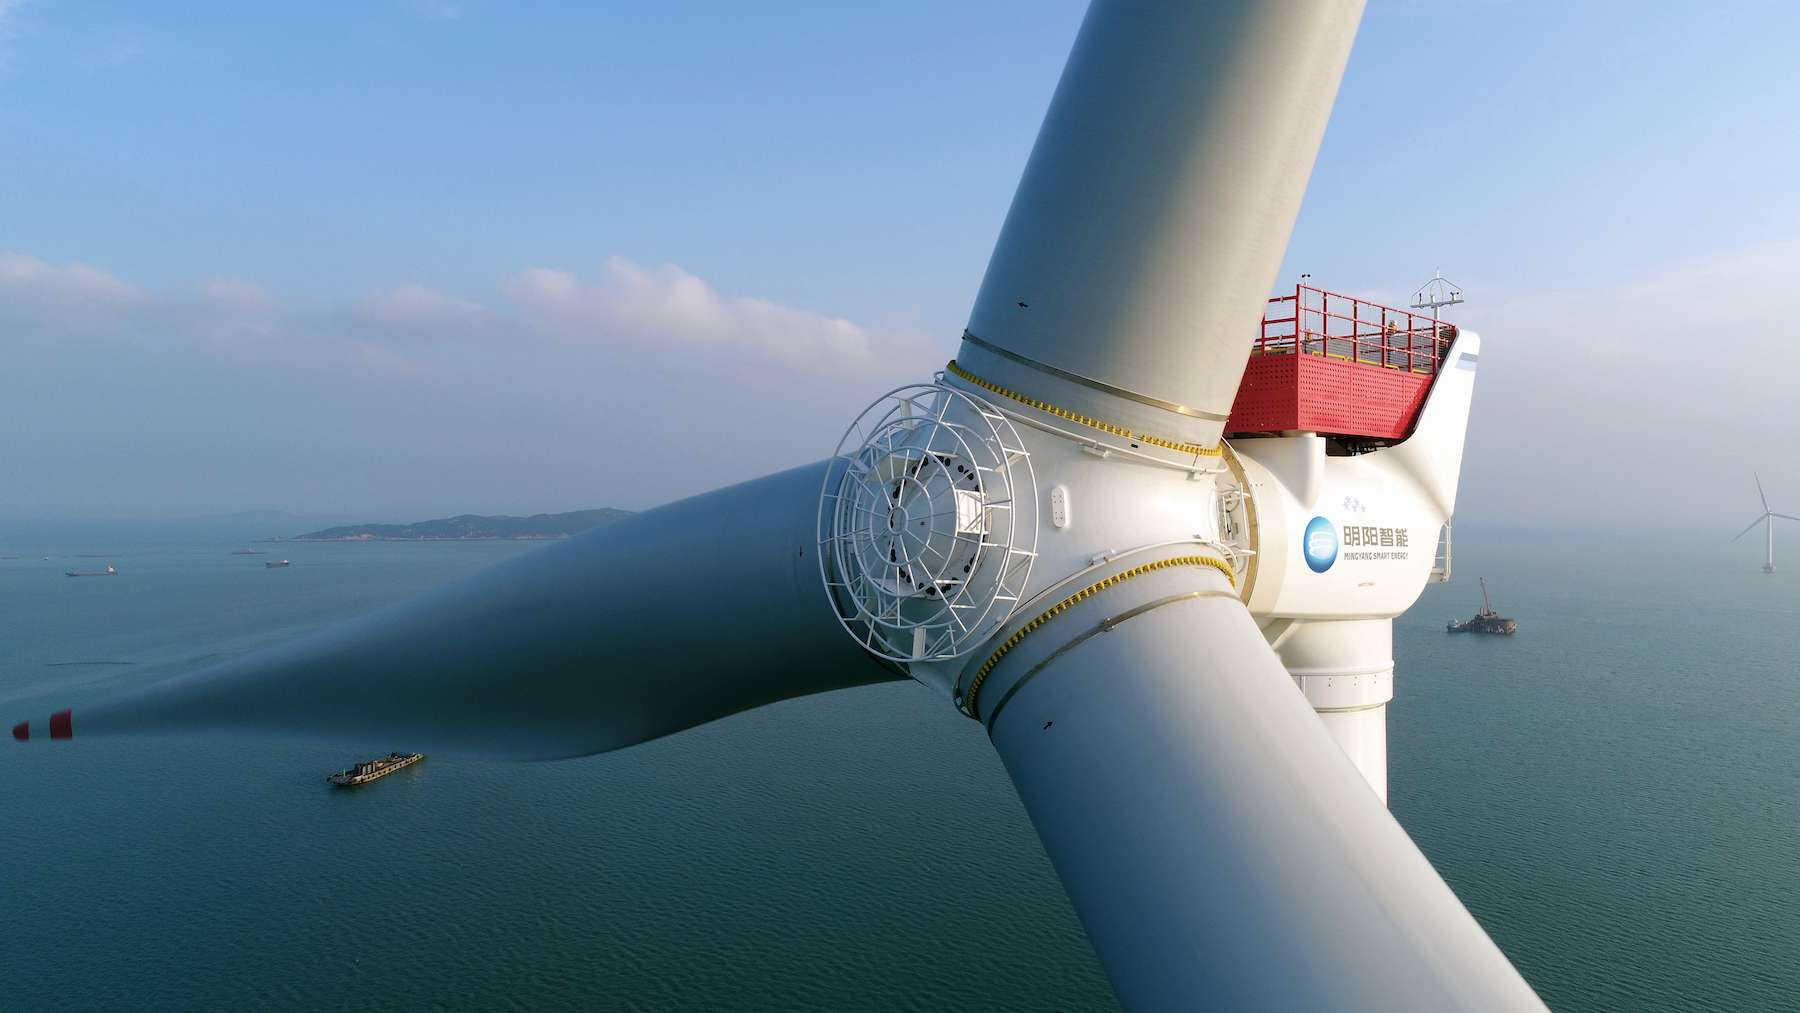 Dengan bilah berukuran panjang 118 meter, turbin angin MySE 16.0-242 memiliki kapasitas 16 MW.  © Energi Cerdas MingYang